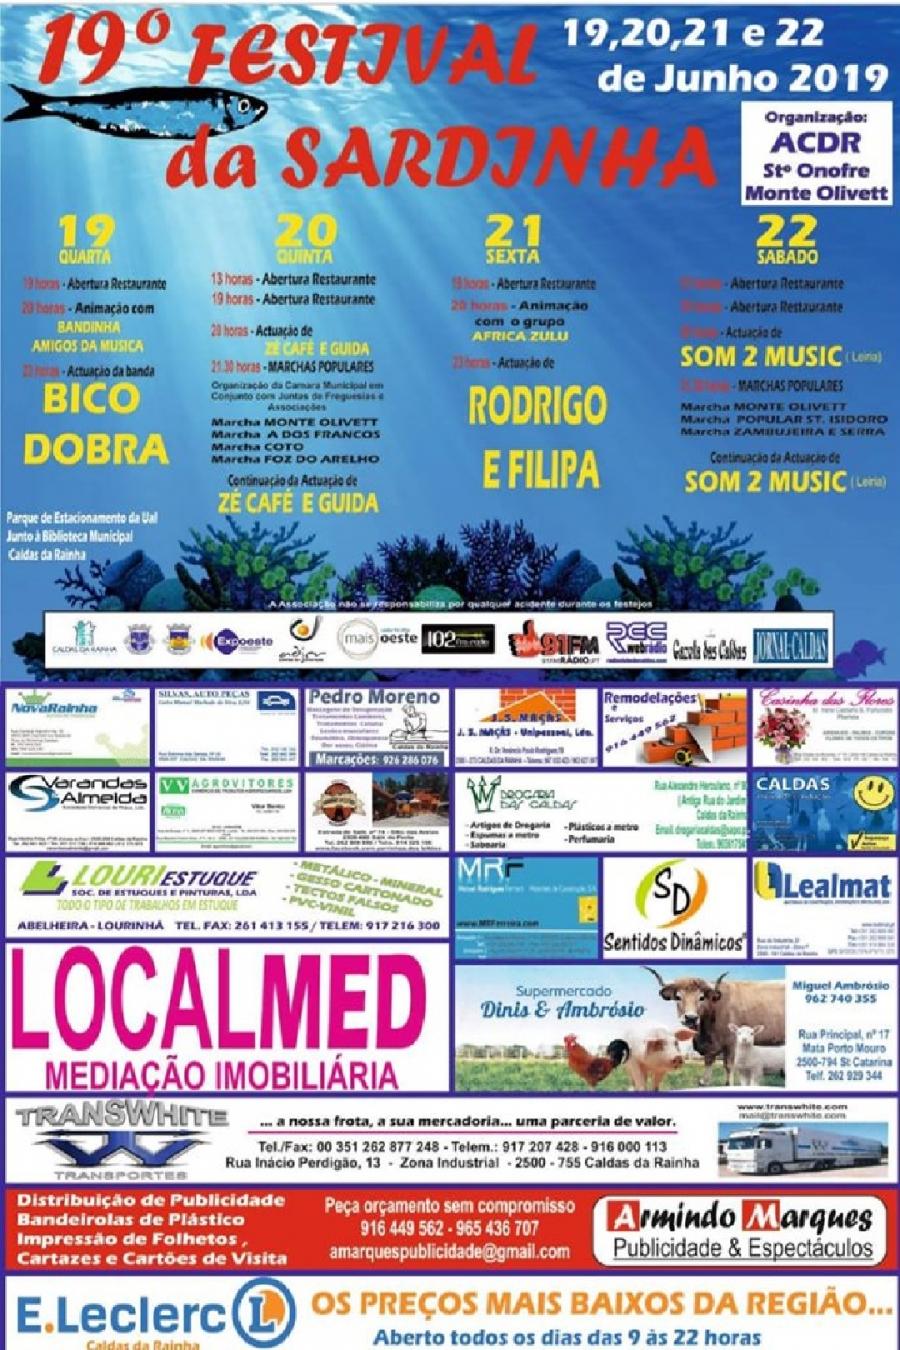 19º Festival da Sardinha